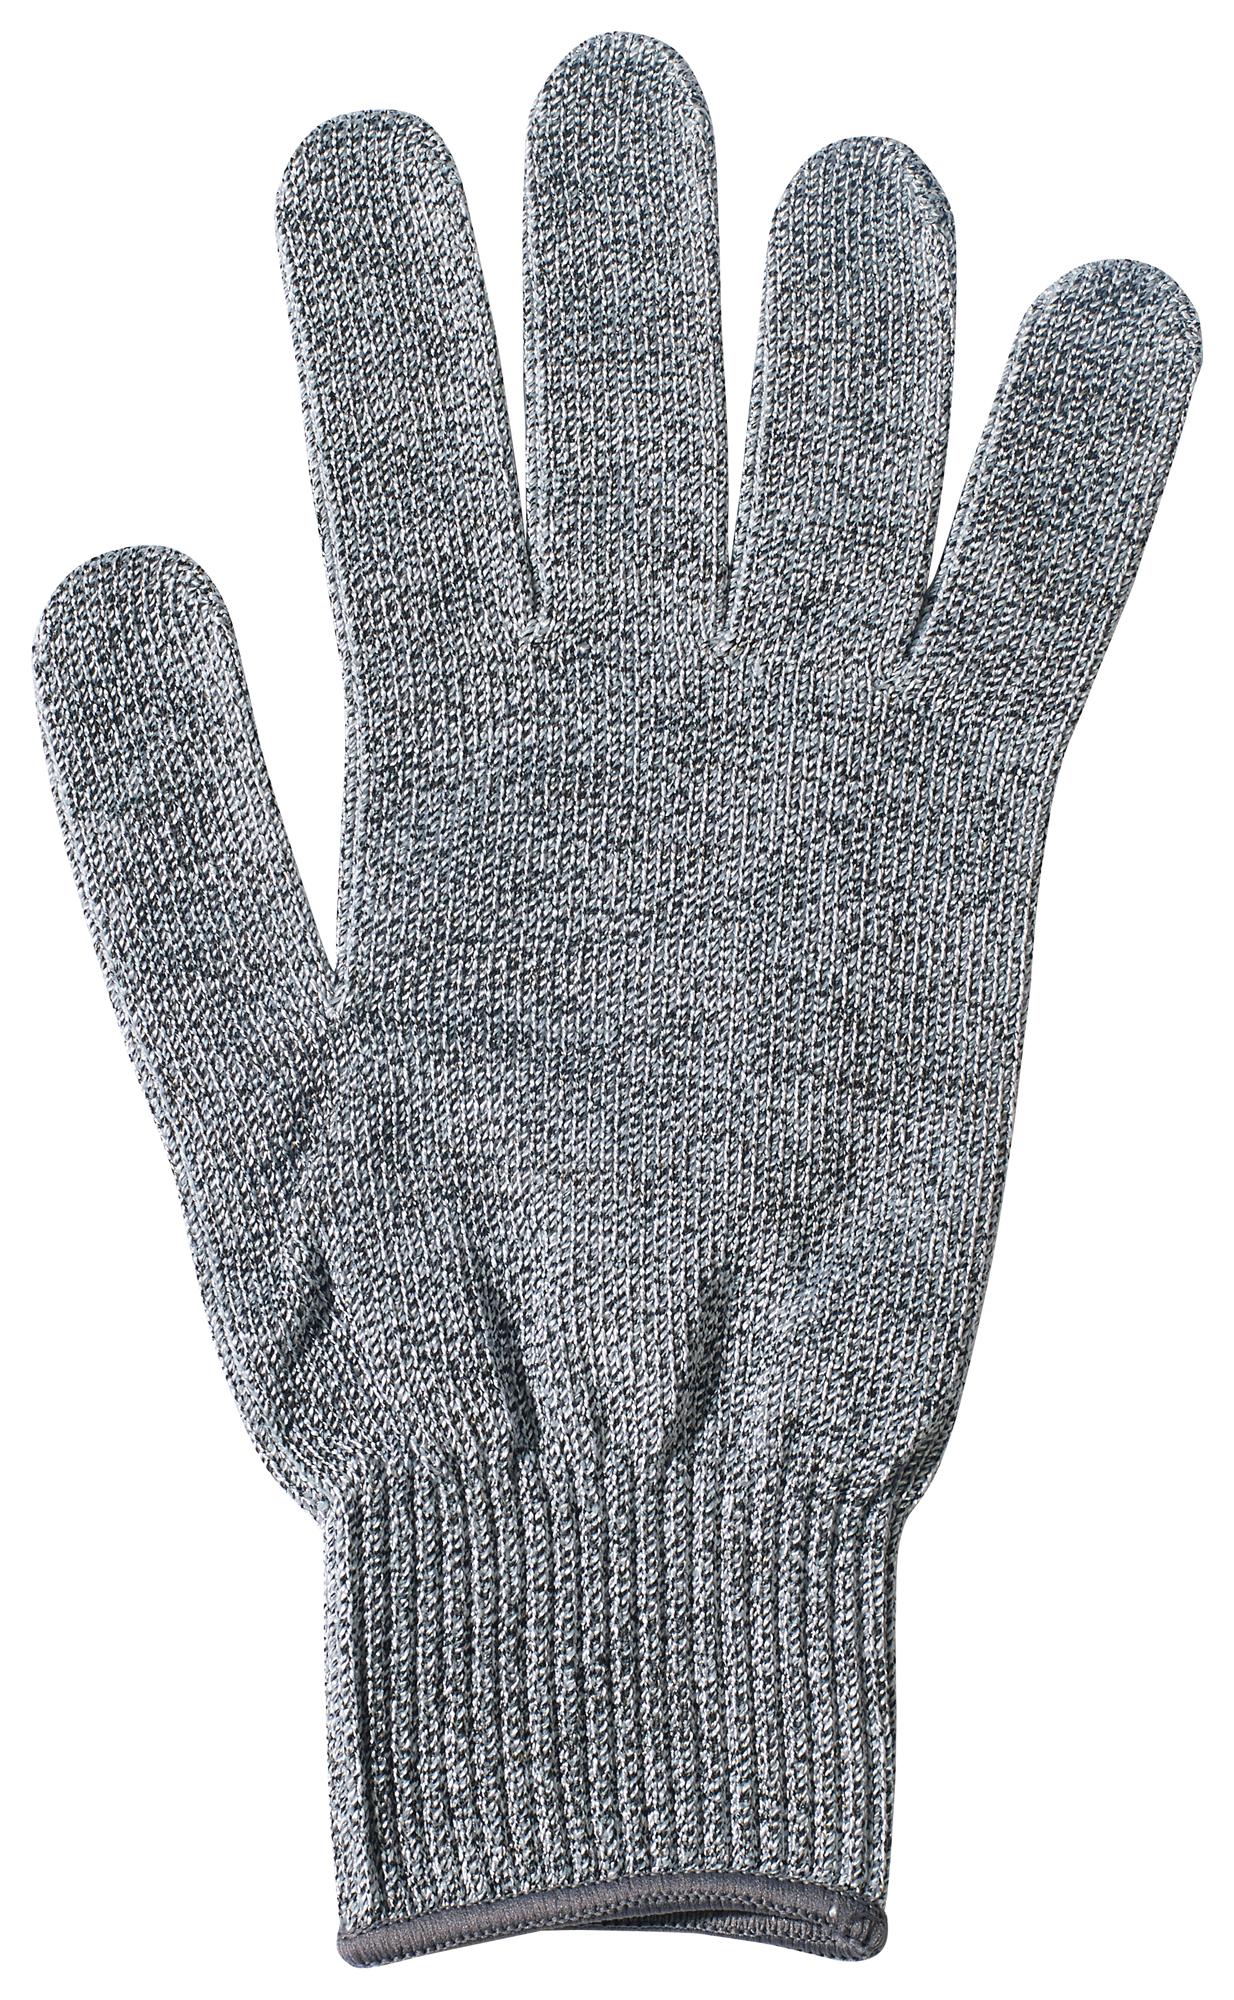 Winco GCRA-L resistant glove